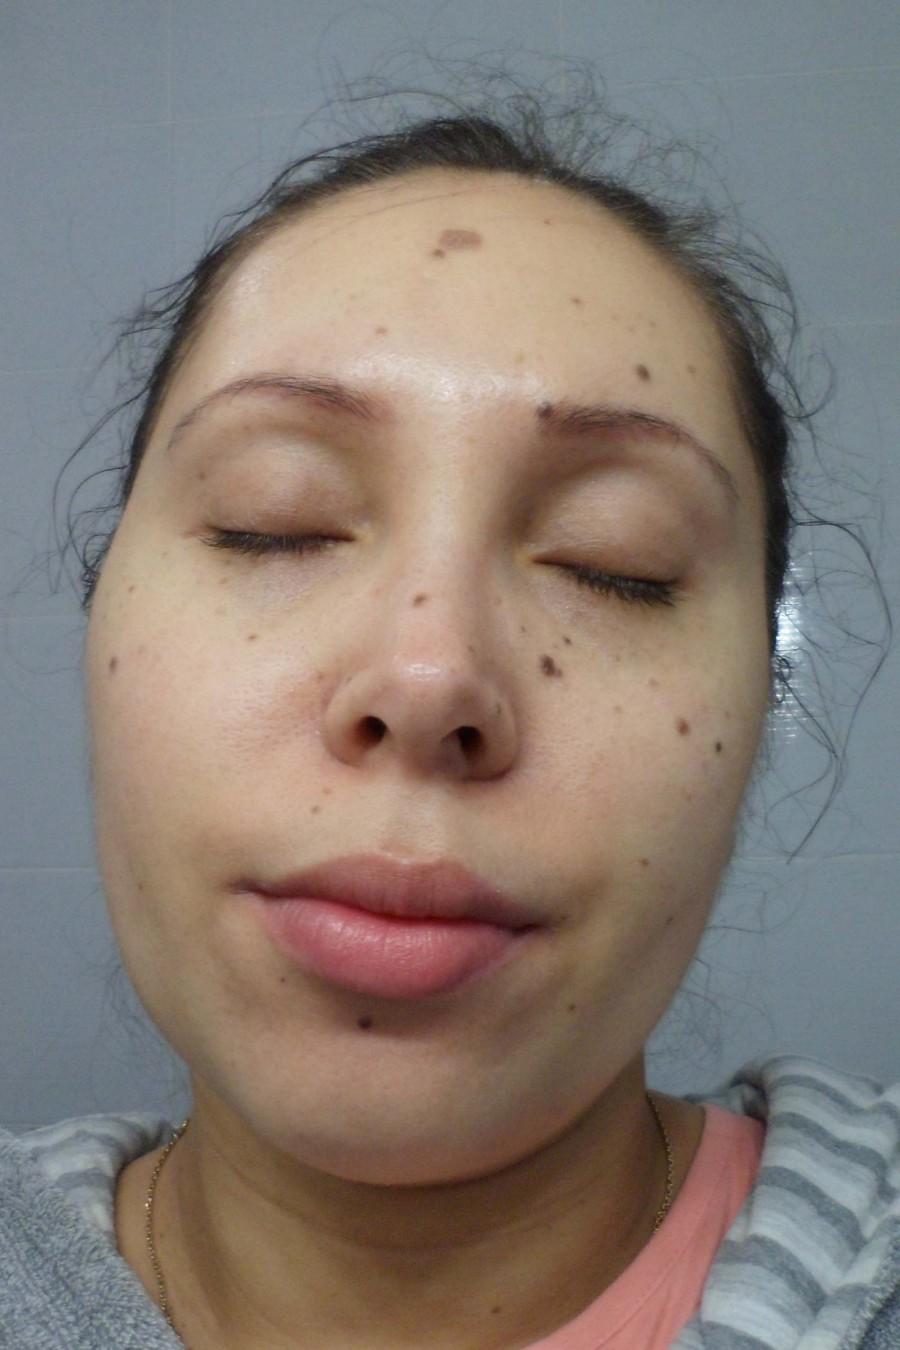 Visage d'une femme après l'application du nettoyant visage egg mousse soap de la marque Too Cool For School